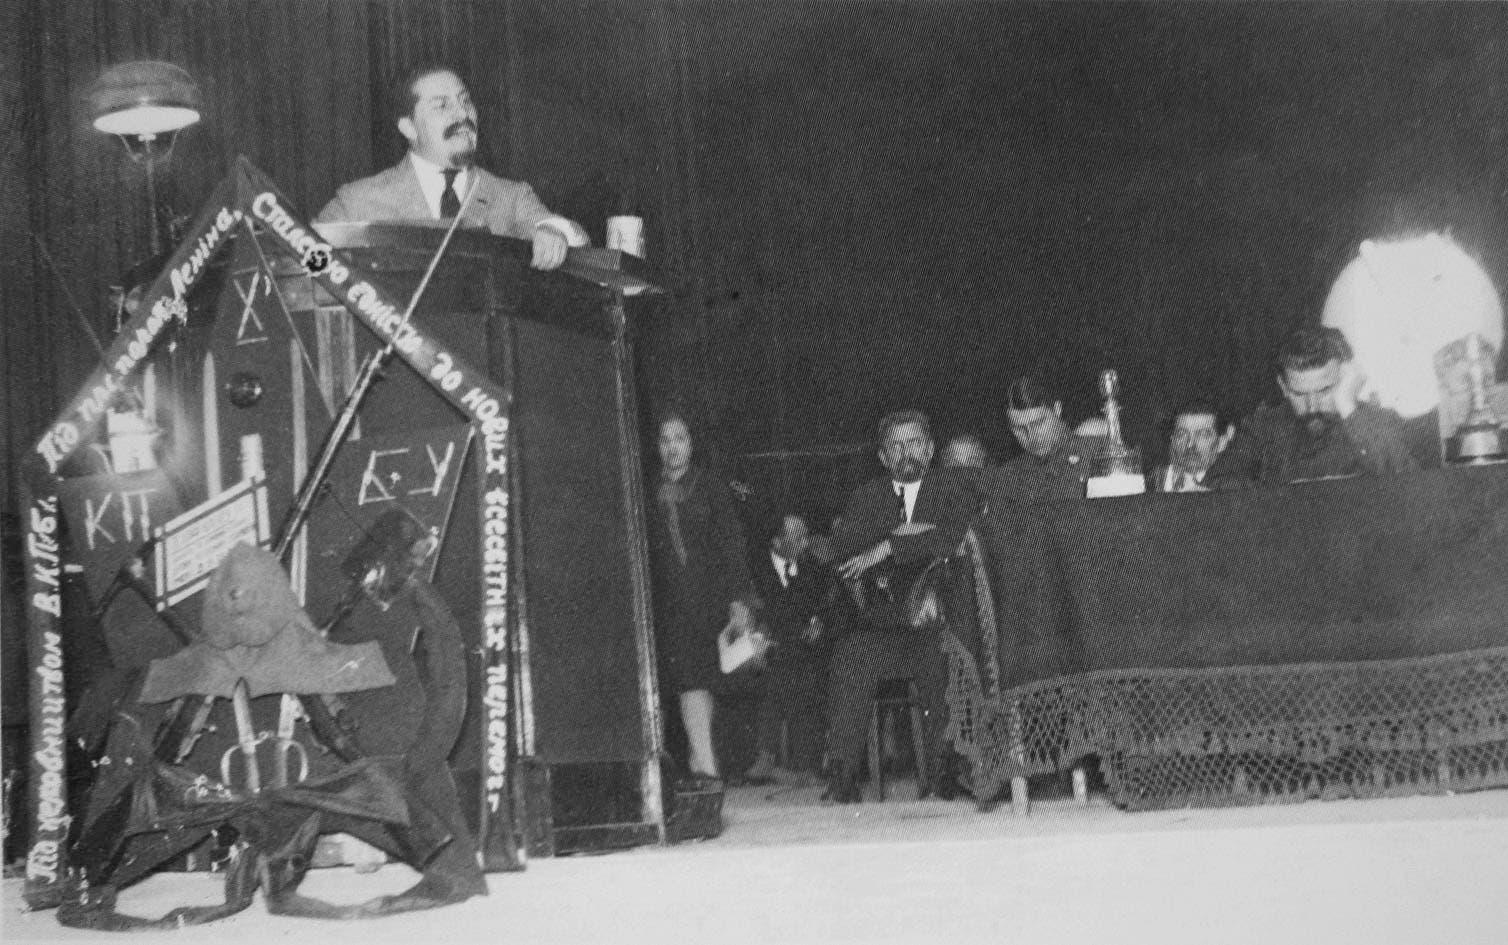 كاغانوفيتش خلال أحد الخطابات عام 1927